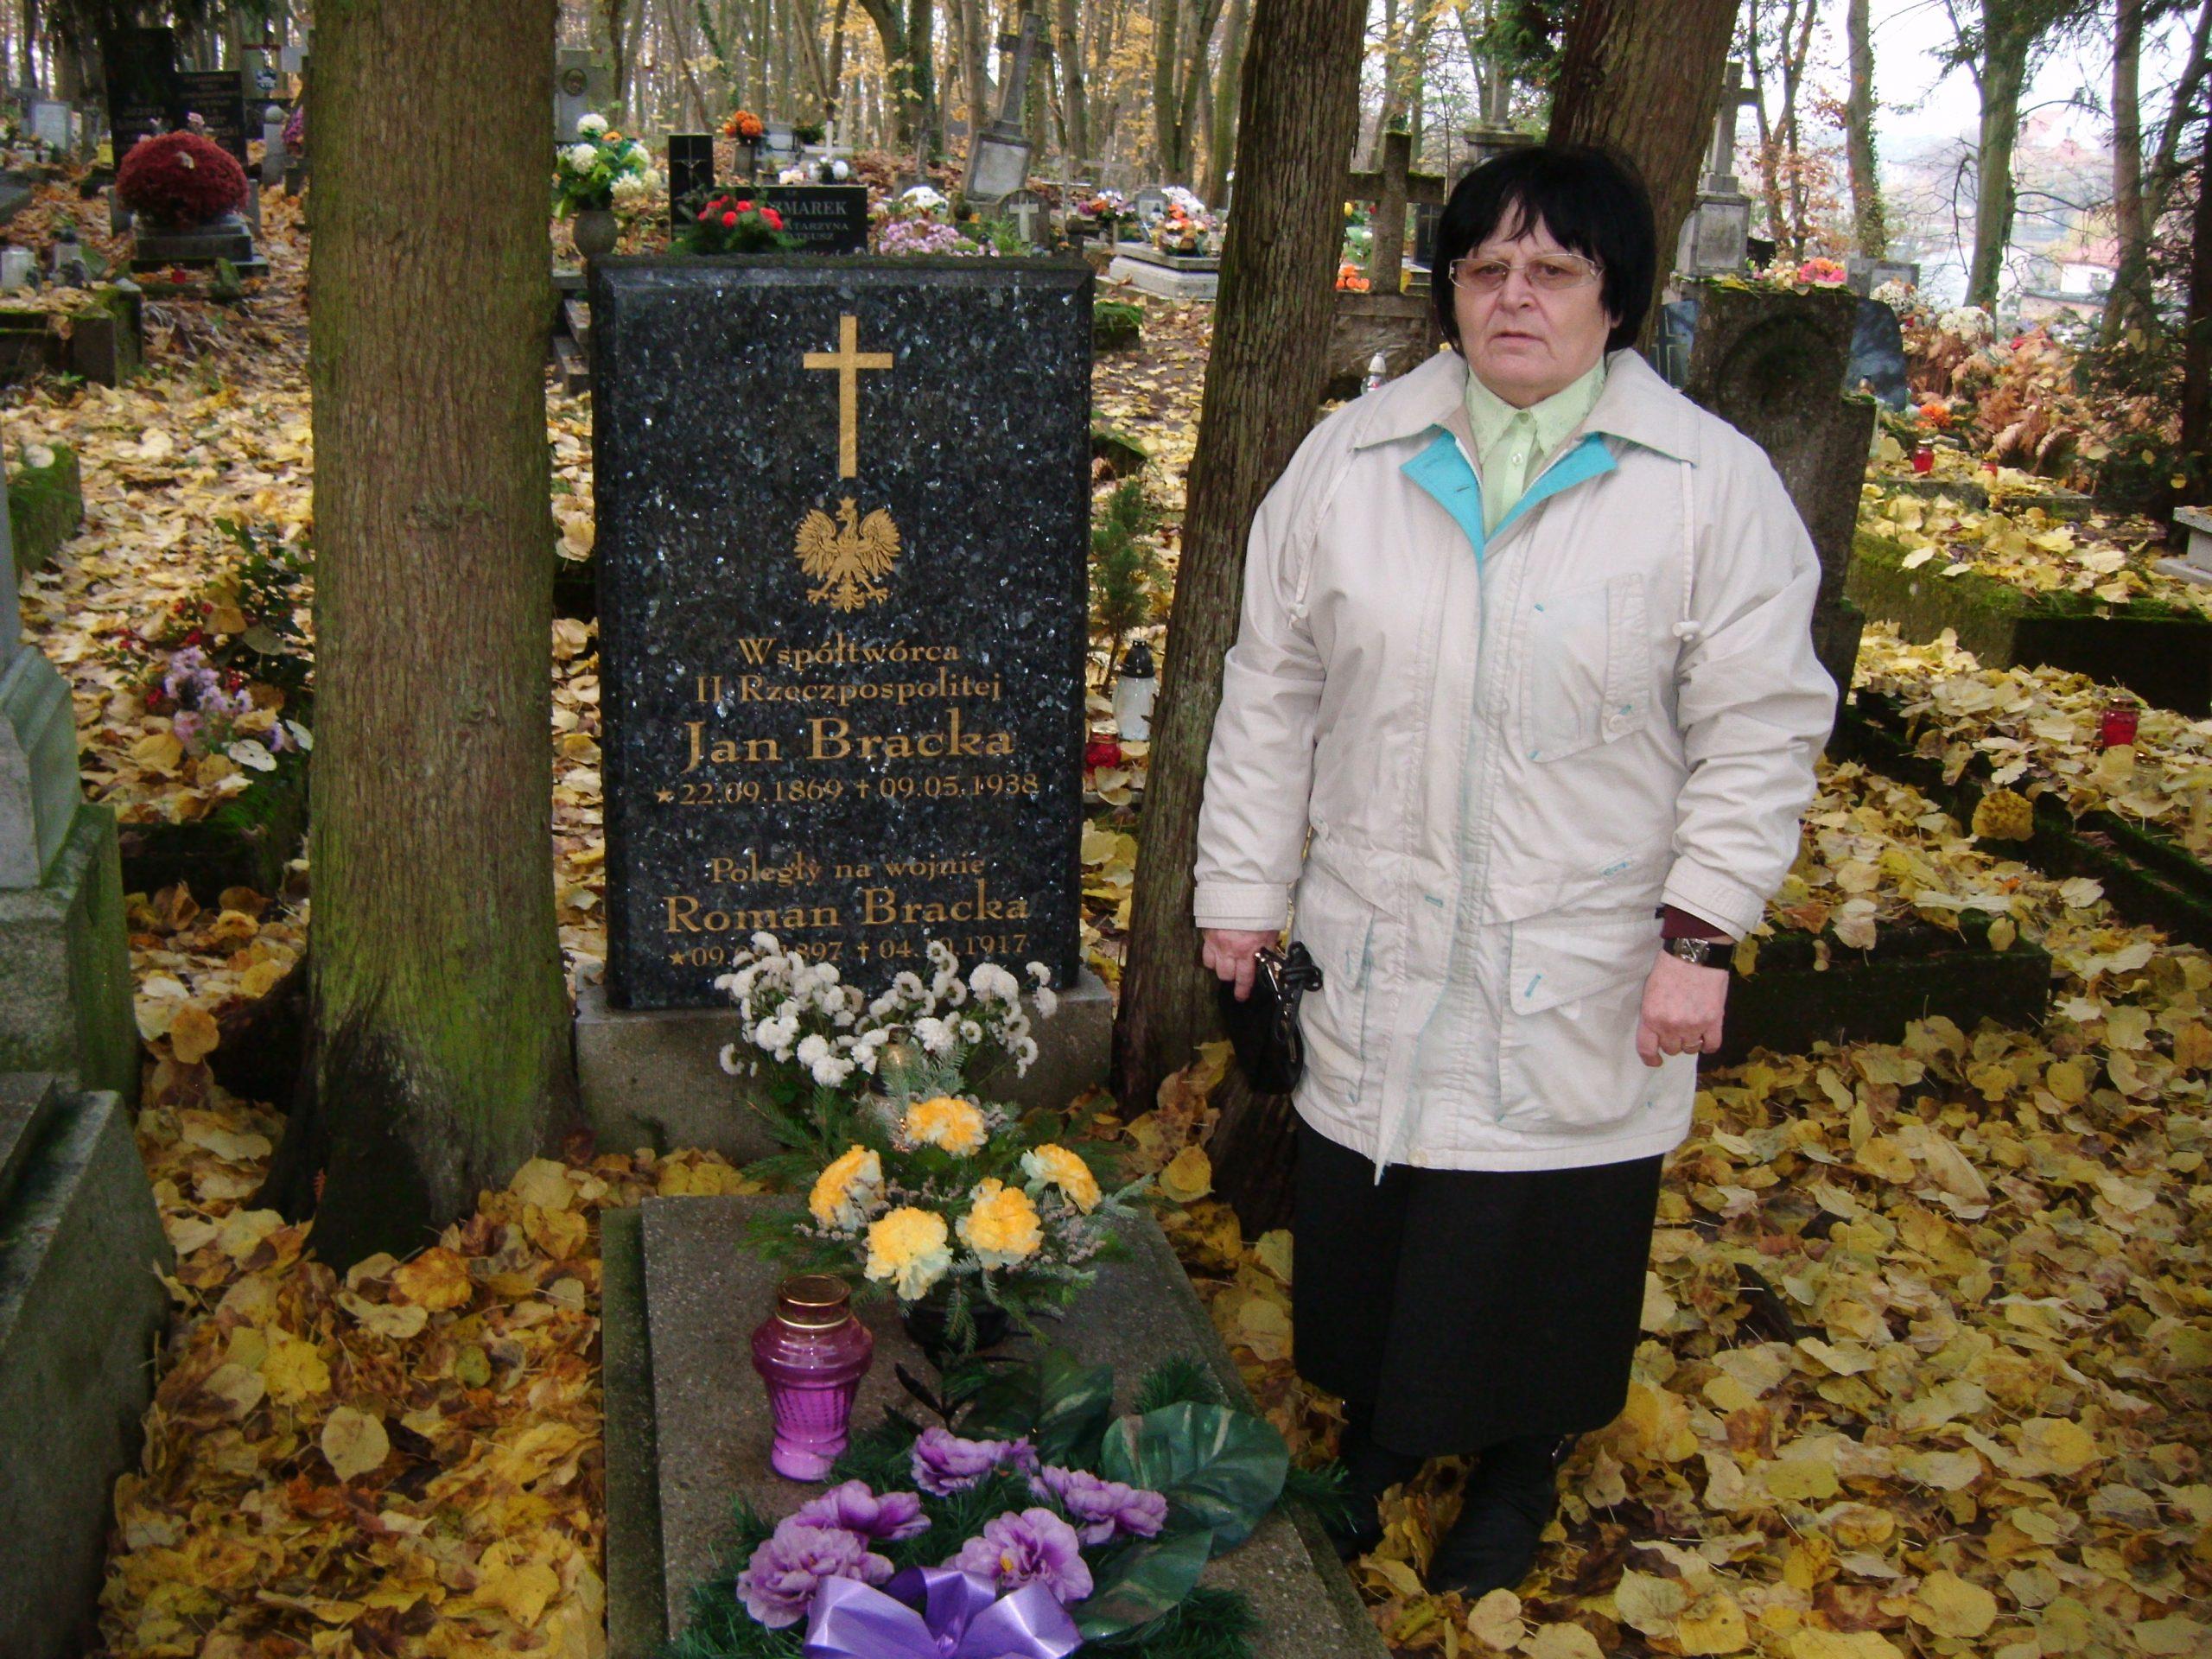 Moja Mama Renata Bracka przy grobie dziadka Jana Bracka Współtwórcy II RP nacmentarzu parafialnym wWięcborku - foto Tomasz Roman Bracka